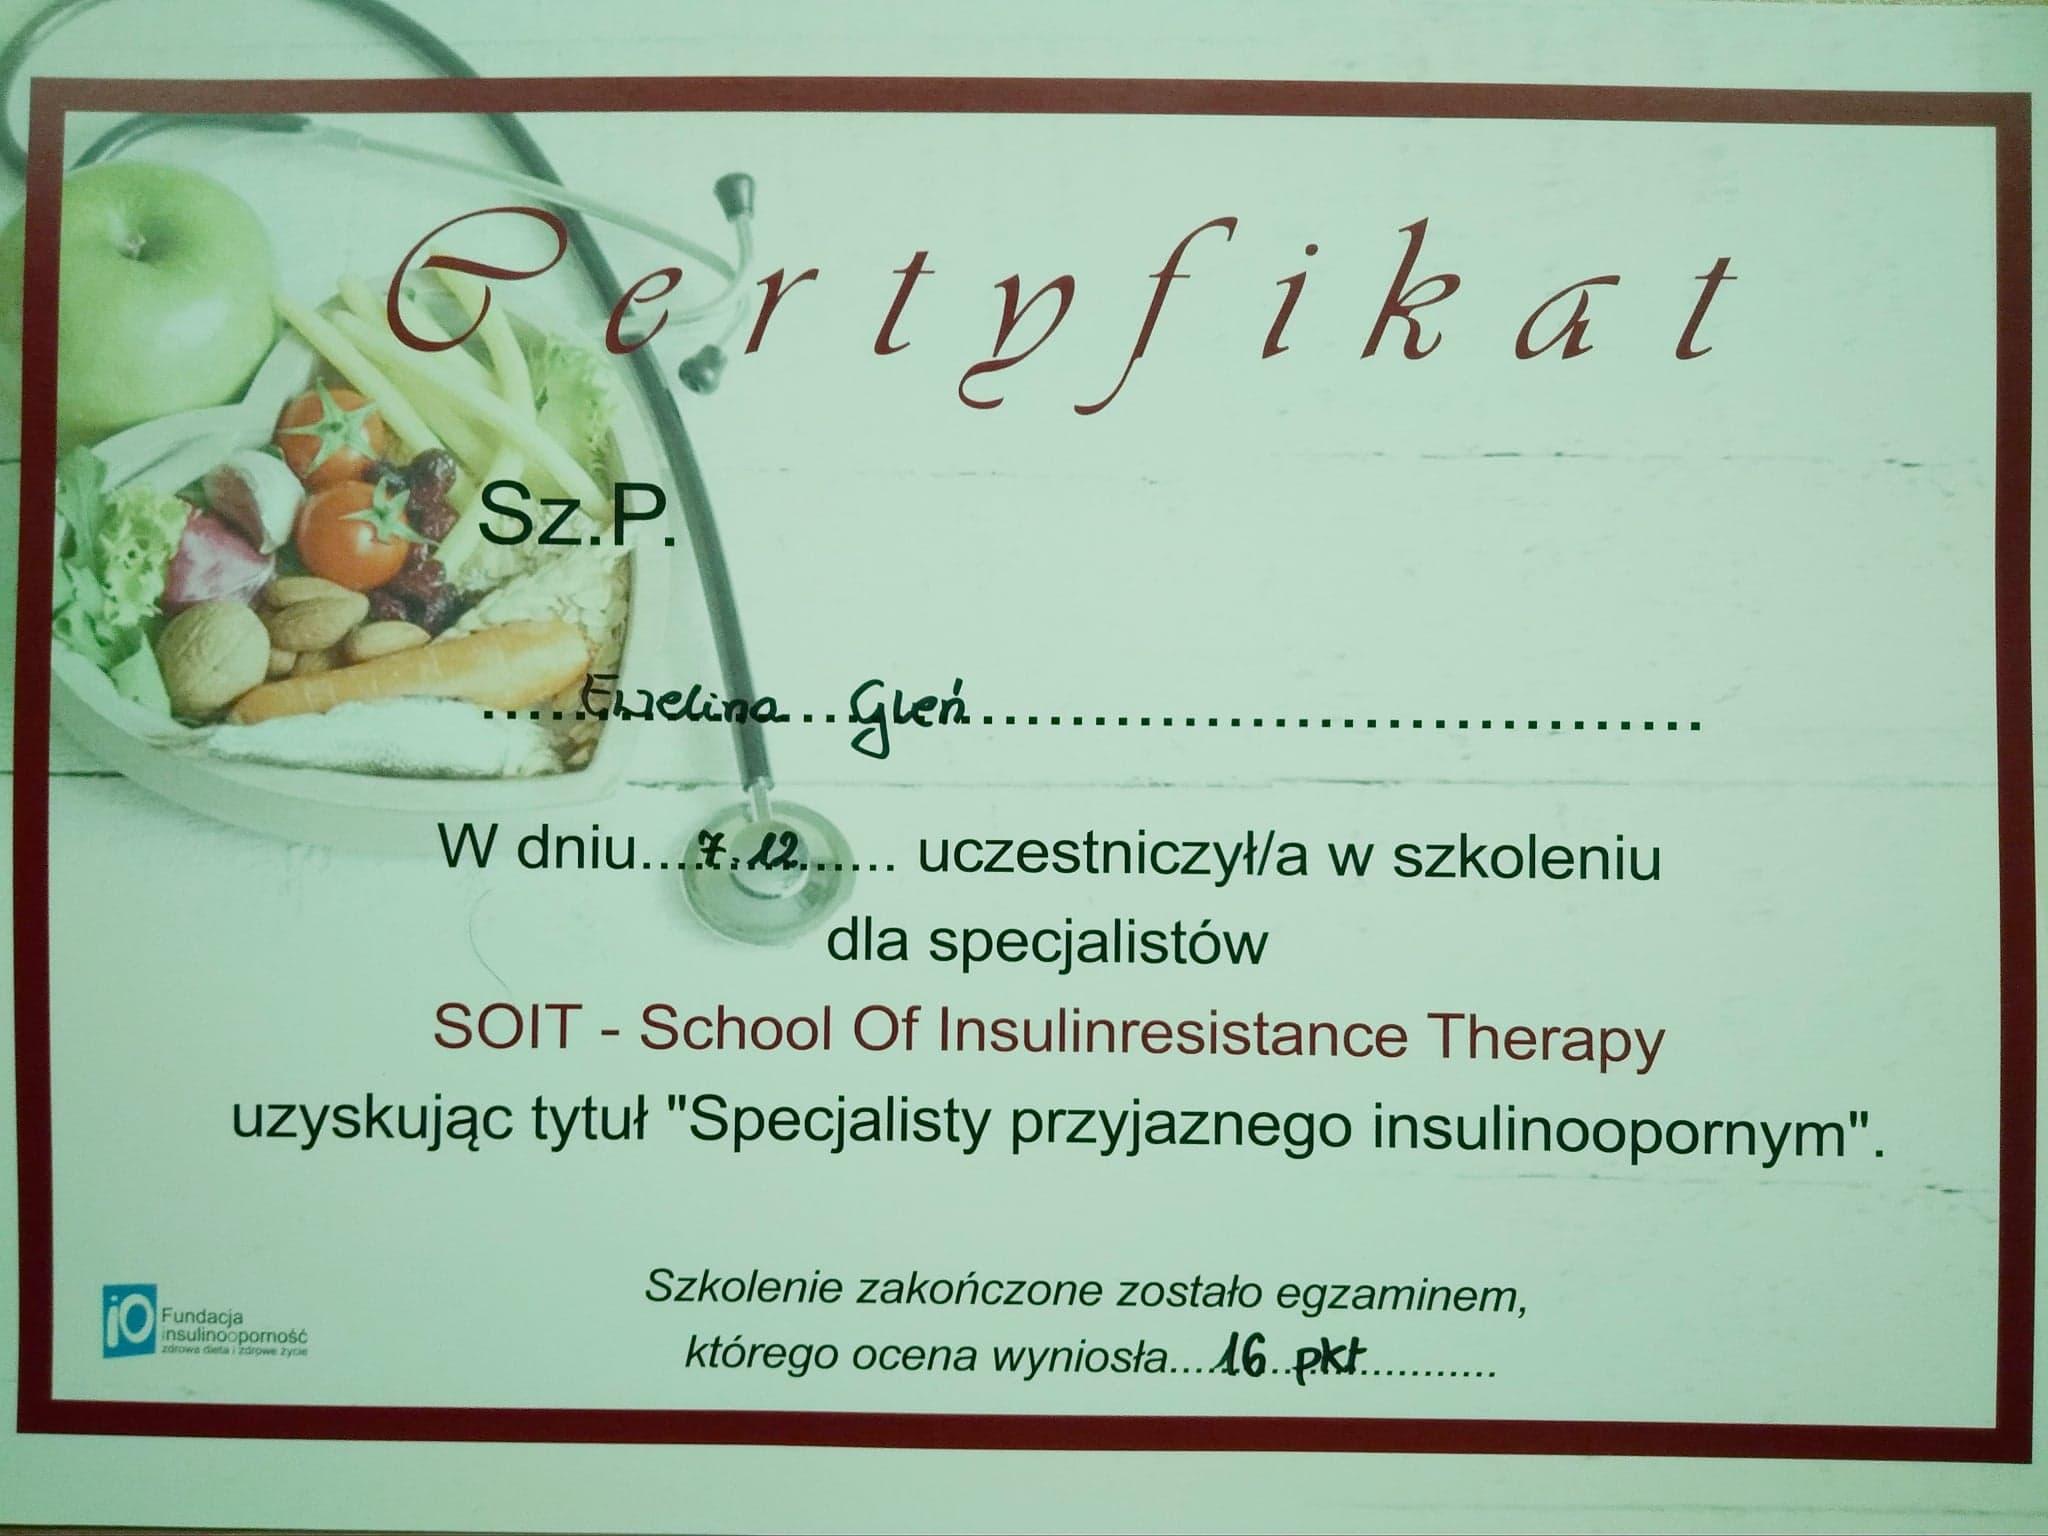 Certyfikat specjalisty przyjaznego insulinoodpornym